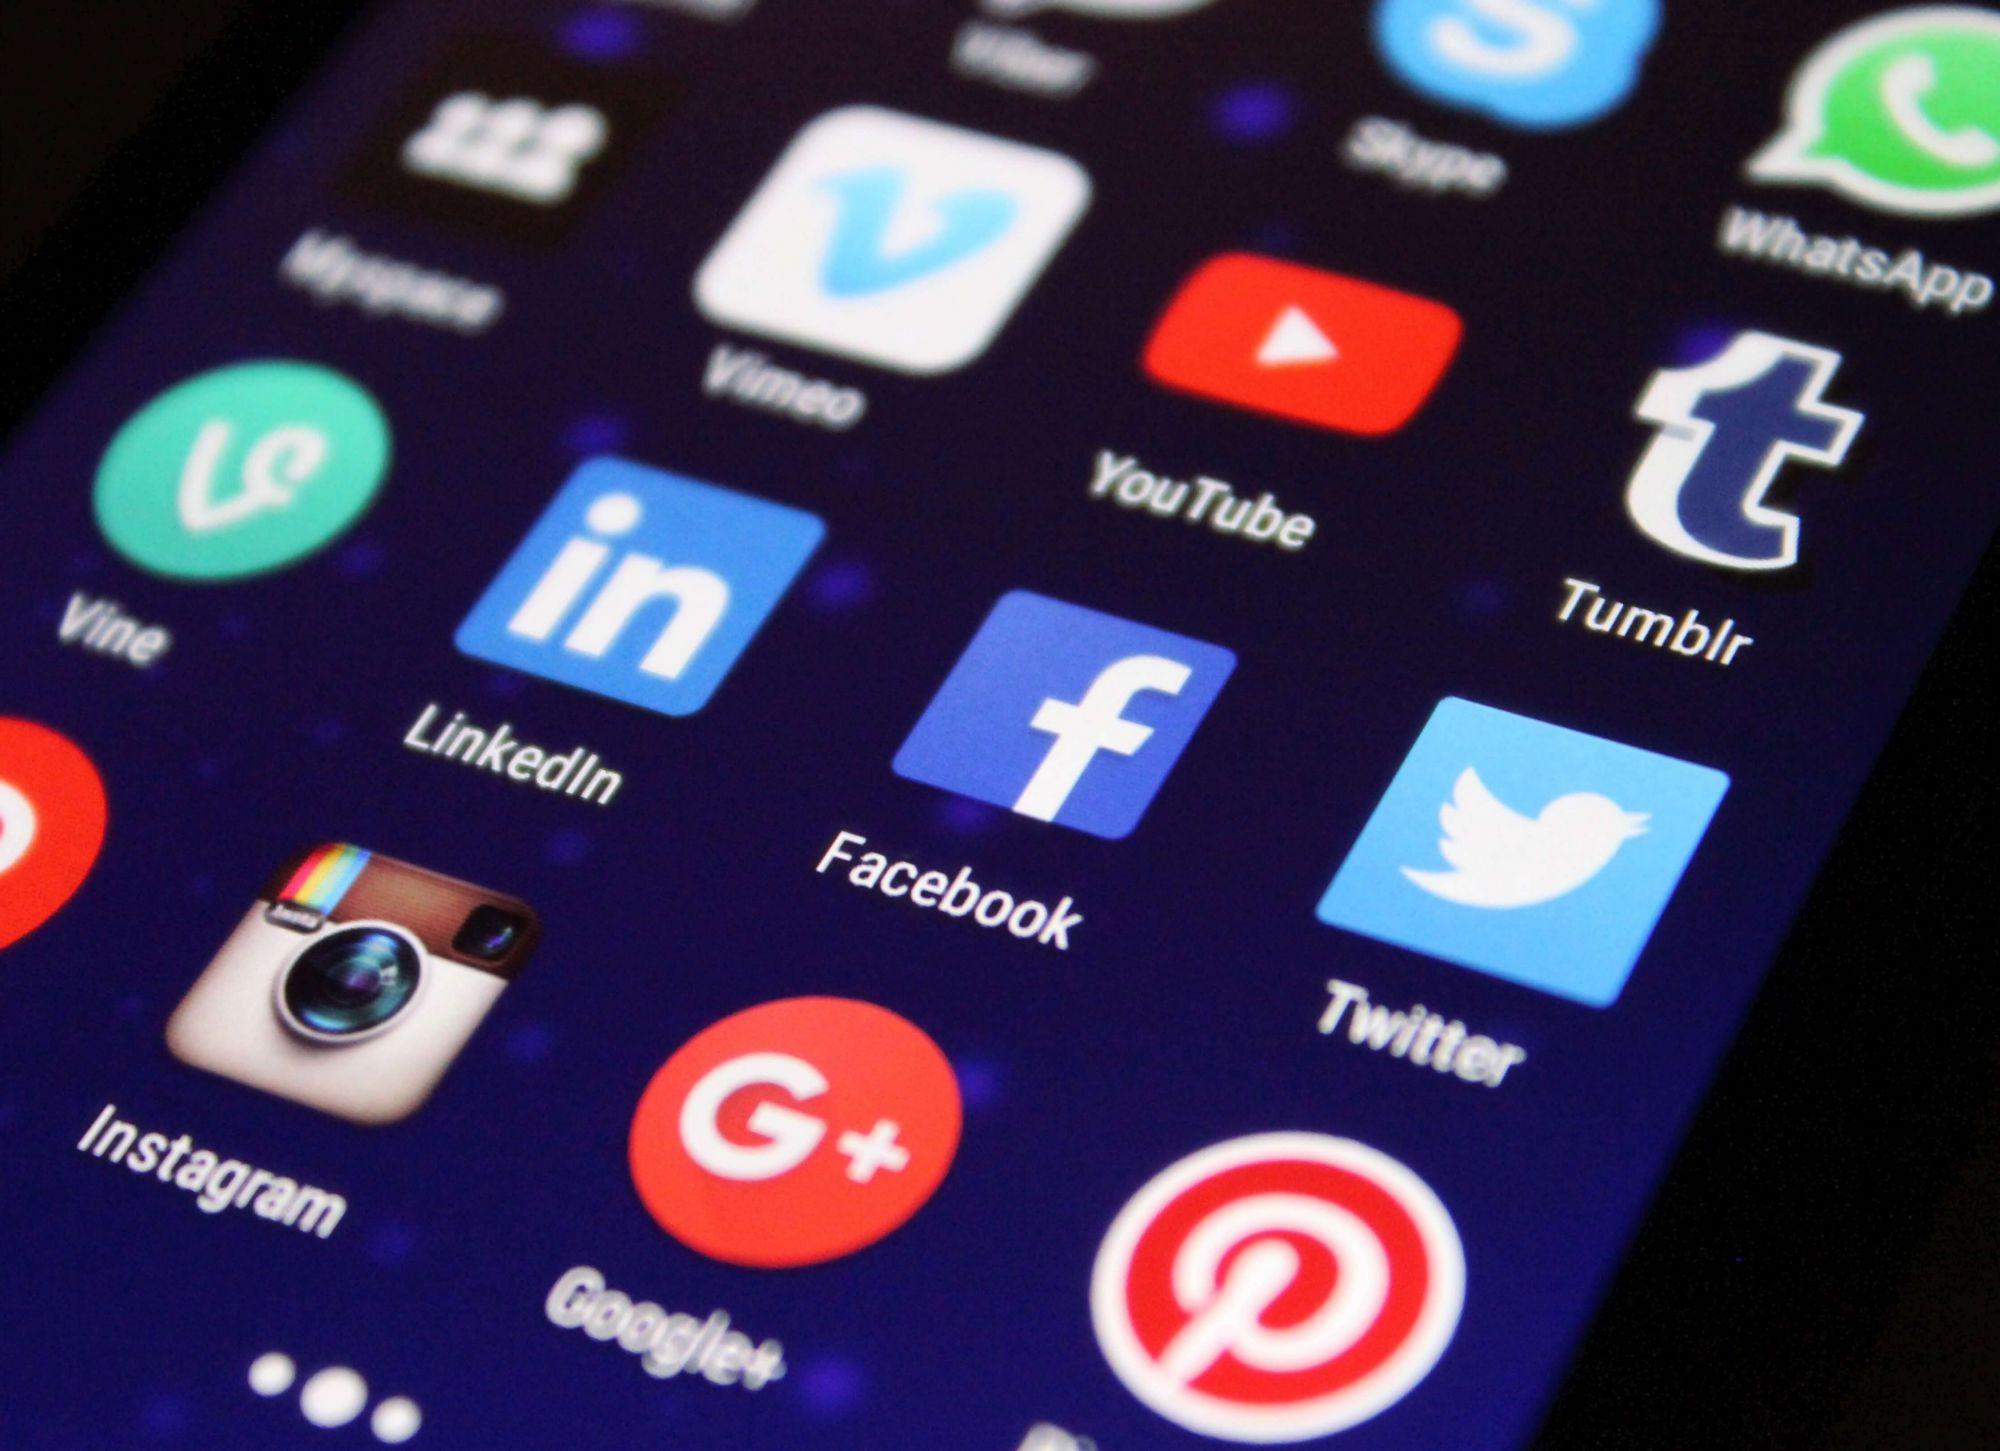 שיווק מוצר דיגיטלי ברשתות החברתיות